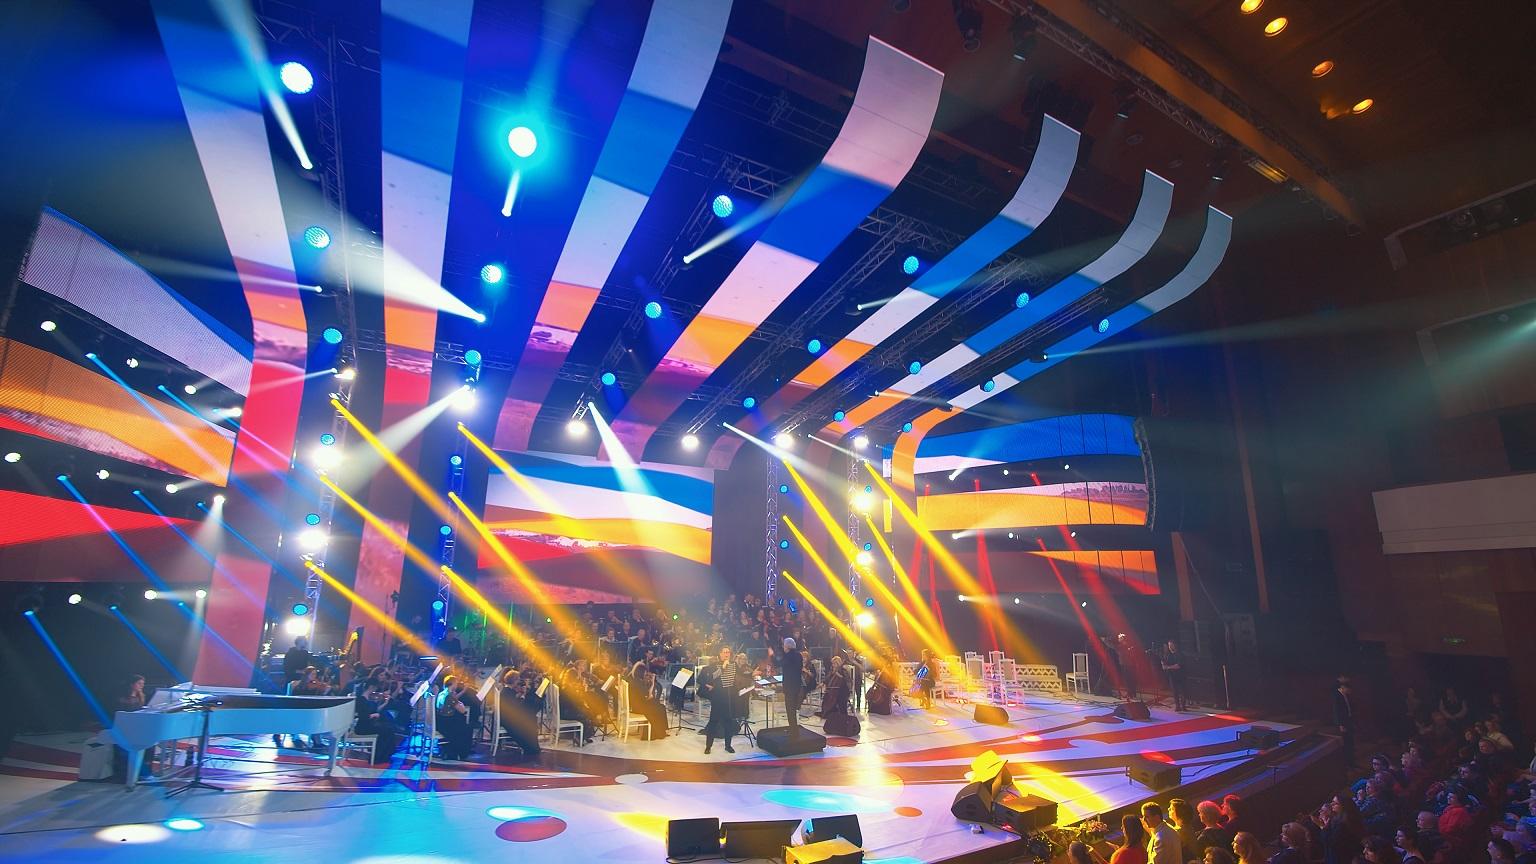 Paul Surugiu - Fuego își va încânta admiratorii cu un mega-concert în prima zi de Paște, pe TVR 2, de la ora 15:000. Peste 100 de artiști, invitați pe scena din Chișinău. Sursa foto: arhiva personală